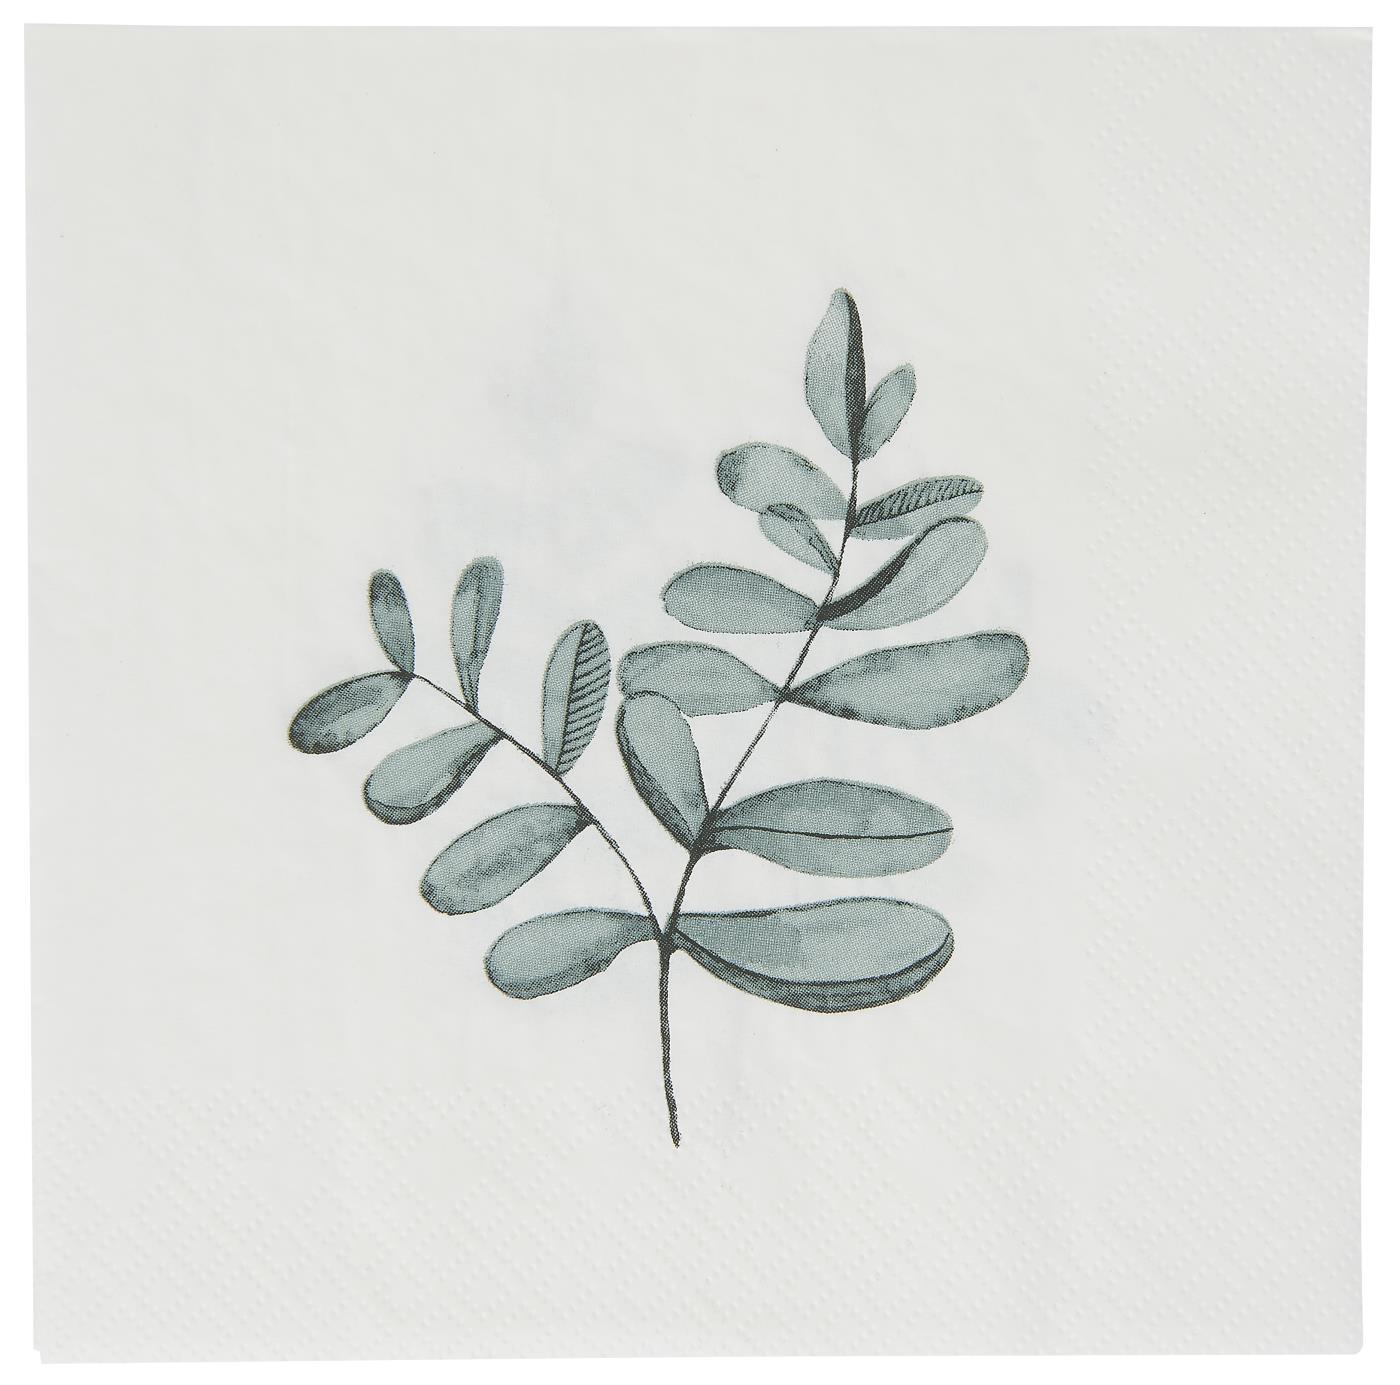 Serviette Eukalyptuszweig